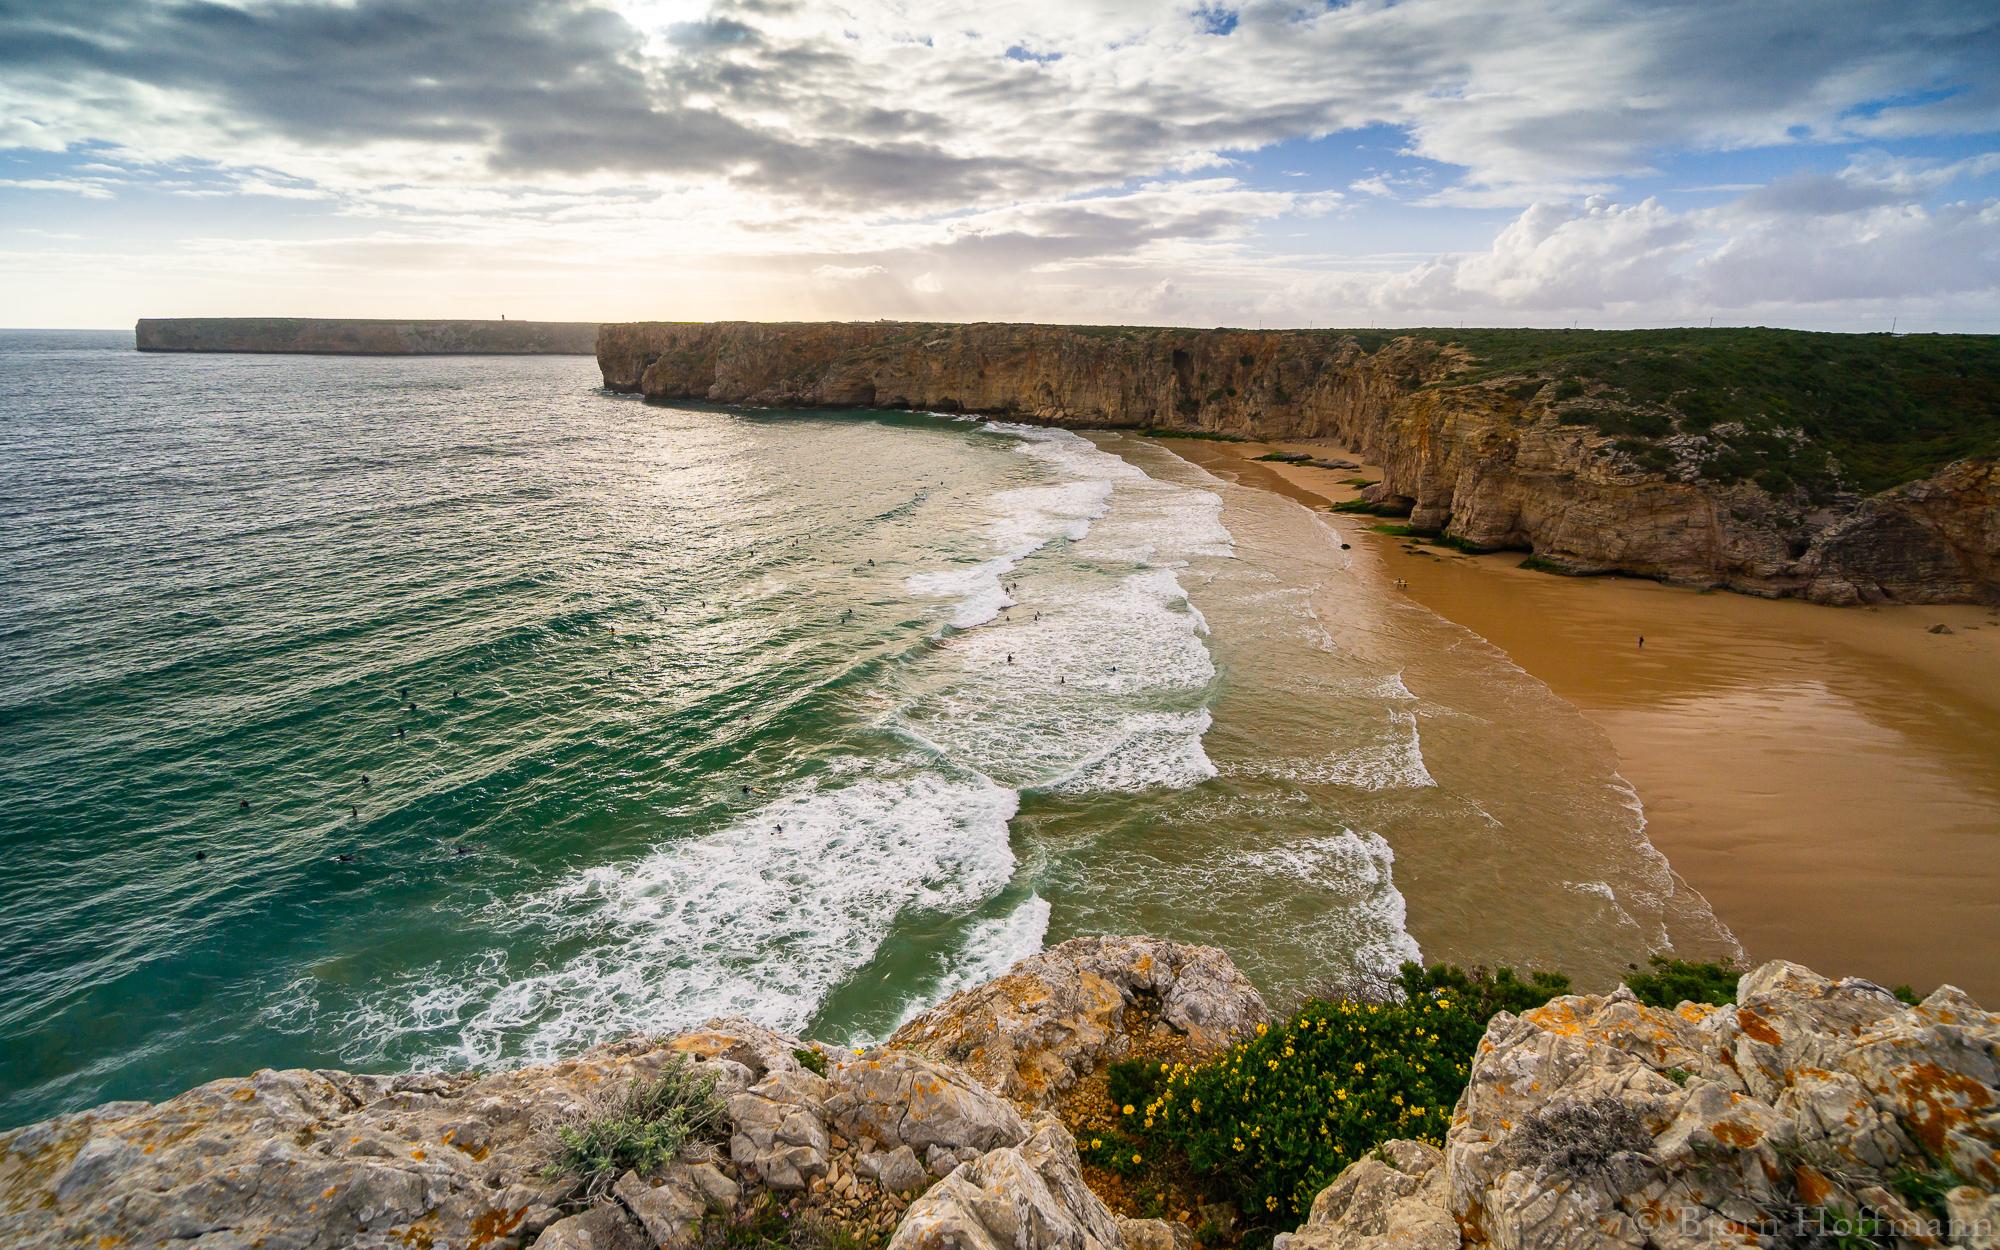 Surfer Beach Praia do Beliche, Algarve, Portugal